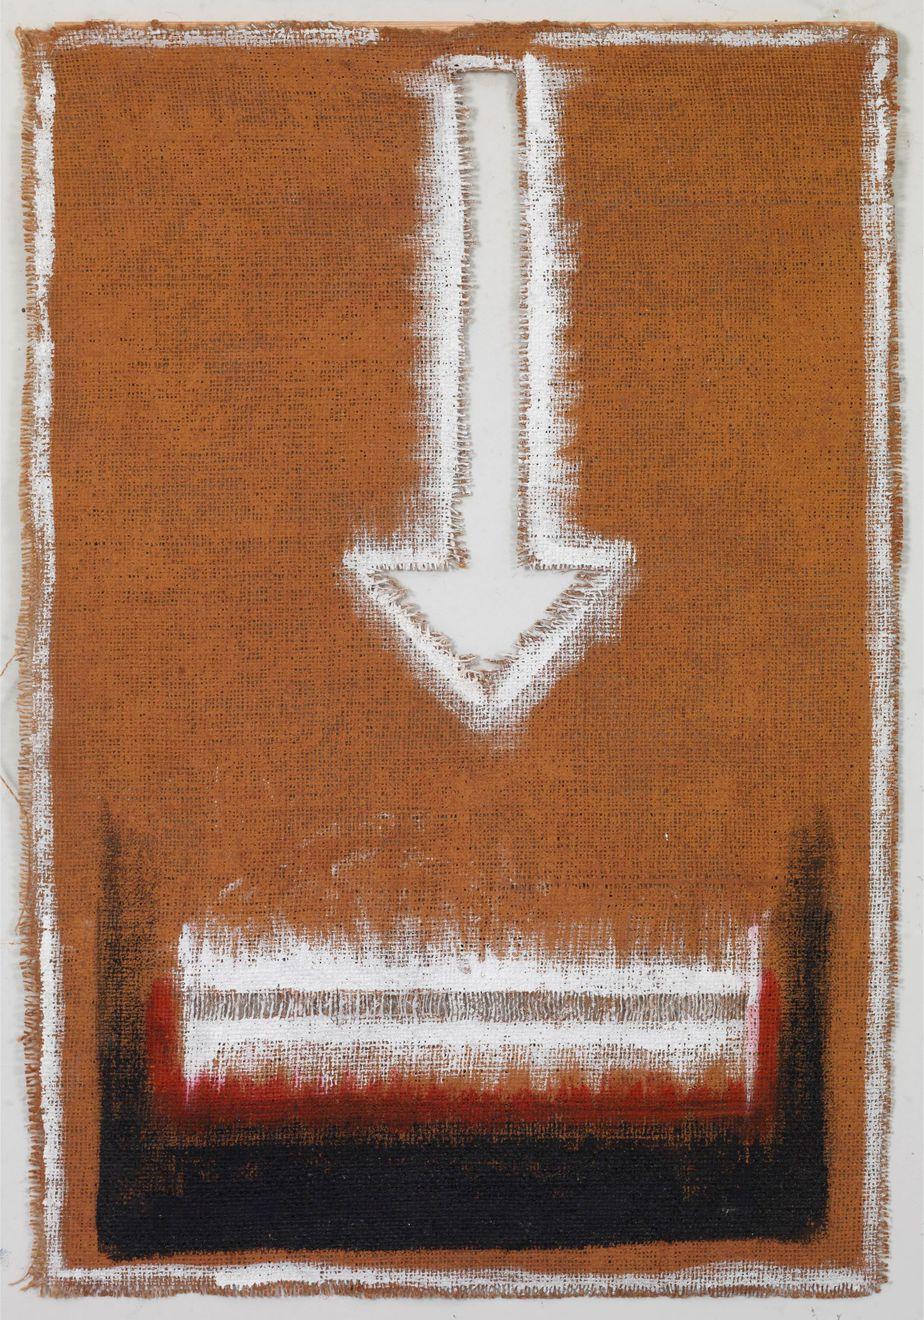 """Δανιήλ Παναγόπουλος, """"X11_05"""", 2005, Λάδι σε λινάτσα, 67 x 45.5 εκ."""